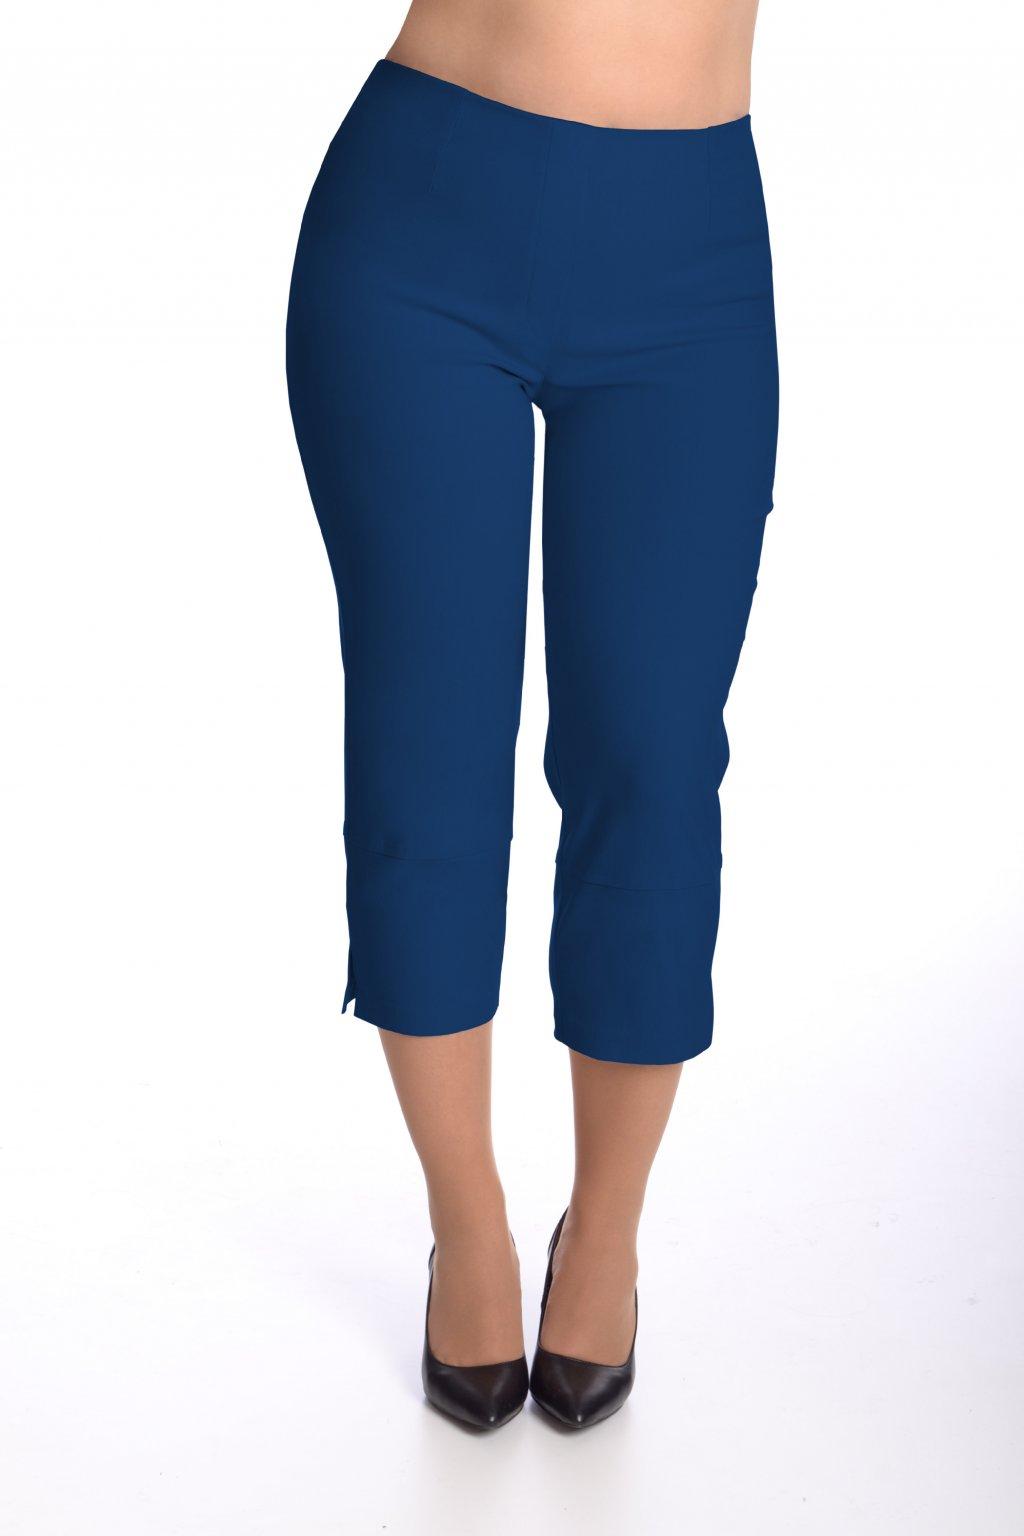 Kalhoty elastické tříčtvrteční 40T (Velikost 36, Barva Modrá)